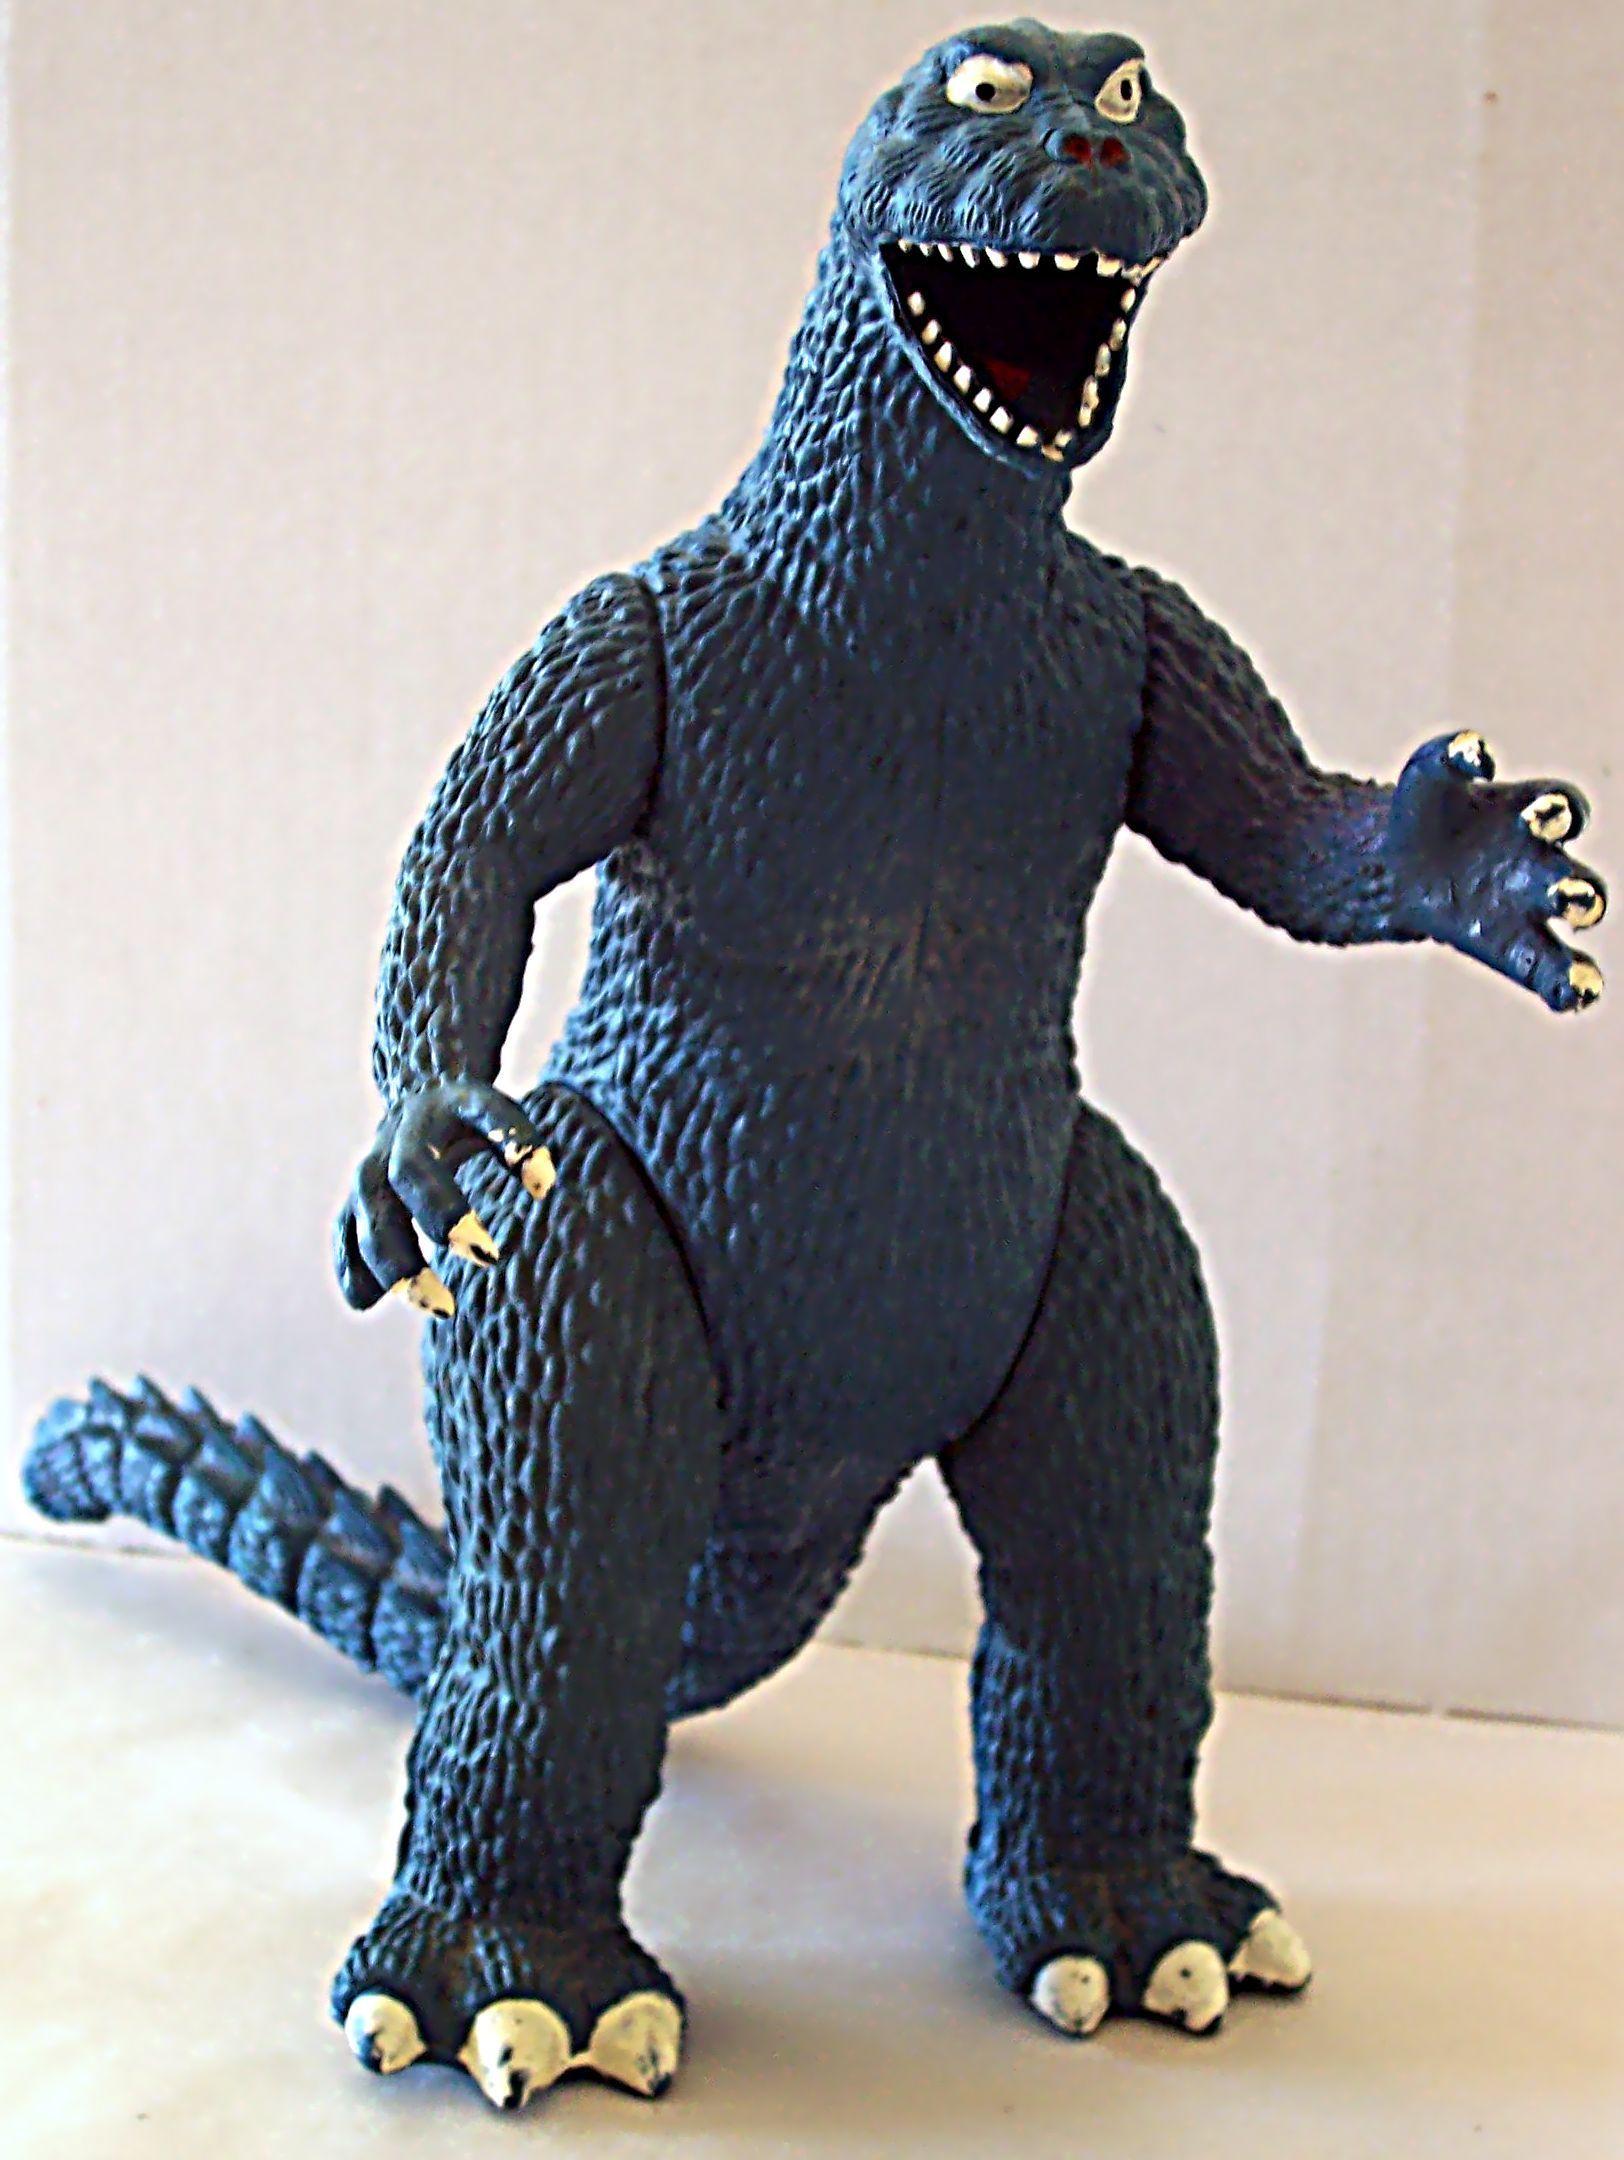 blue-godzilla-toy-godzilla-1439544-1624-